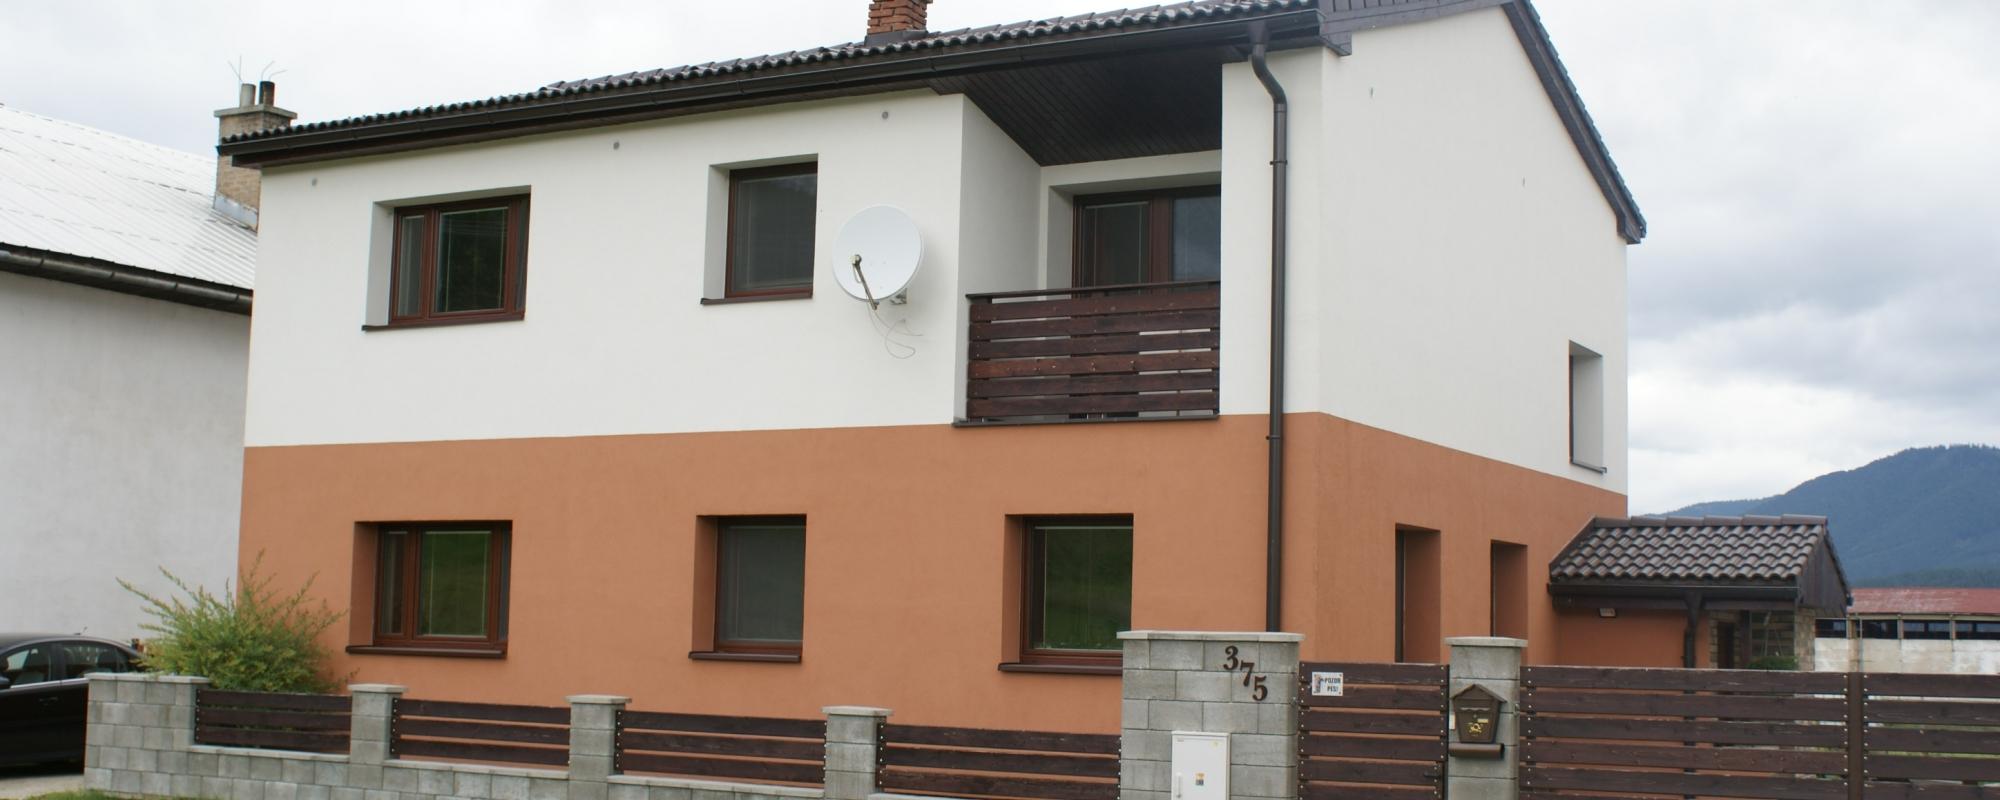 Zrekonštruovaný rodinný dom na rovinatom pozemku, Ludrová